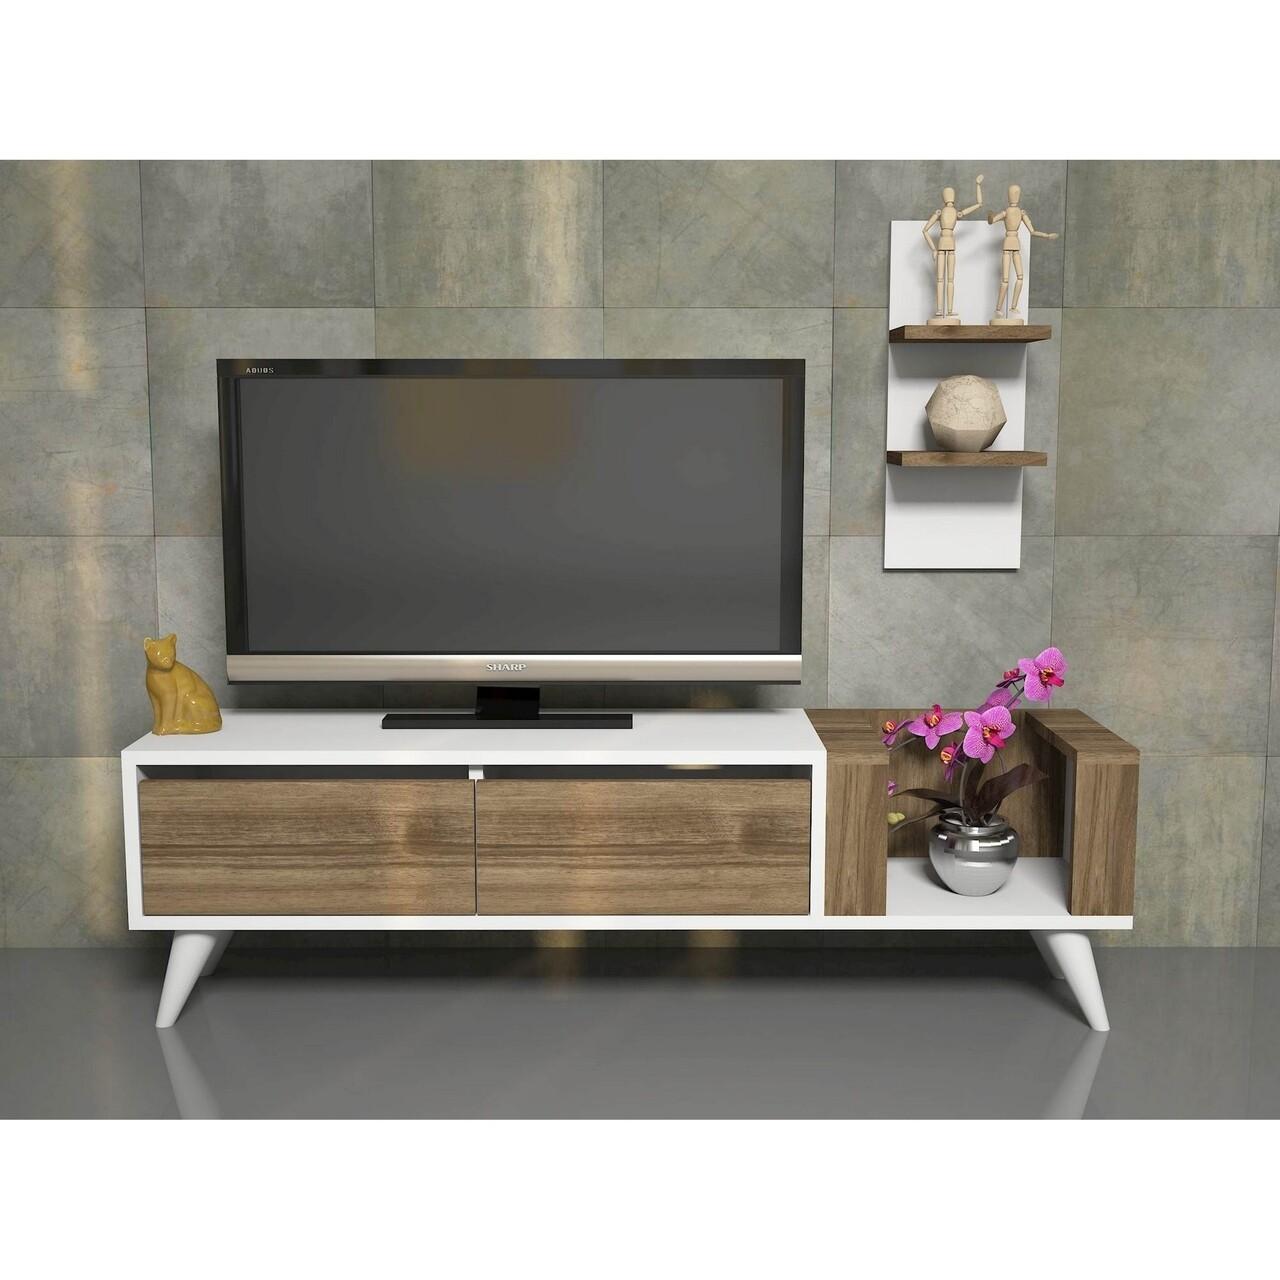 Comoda TV cu raft de perete Pers, Maison in Design, 130 x 30 x 38.6 cm, alb/natural